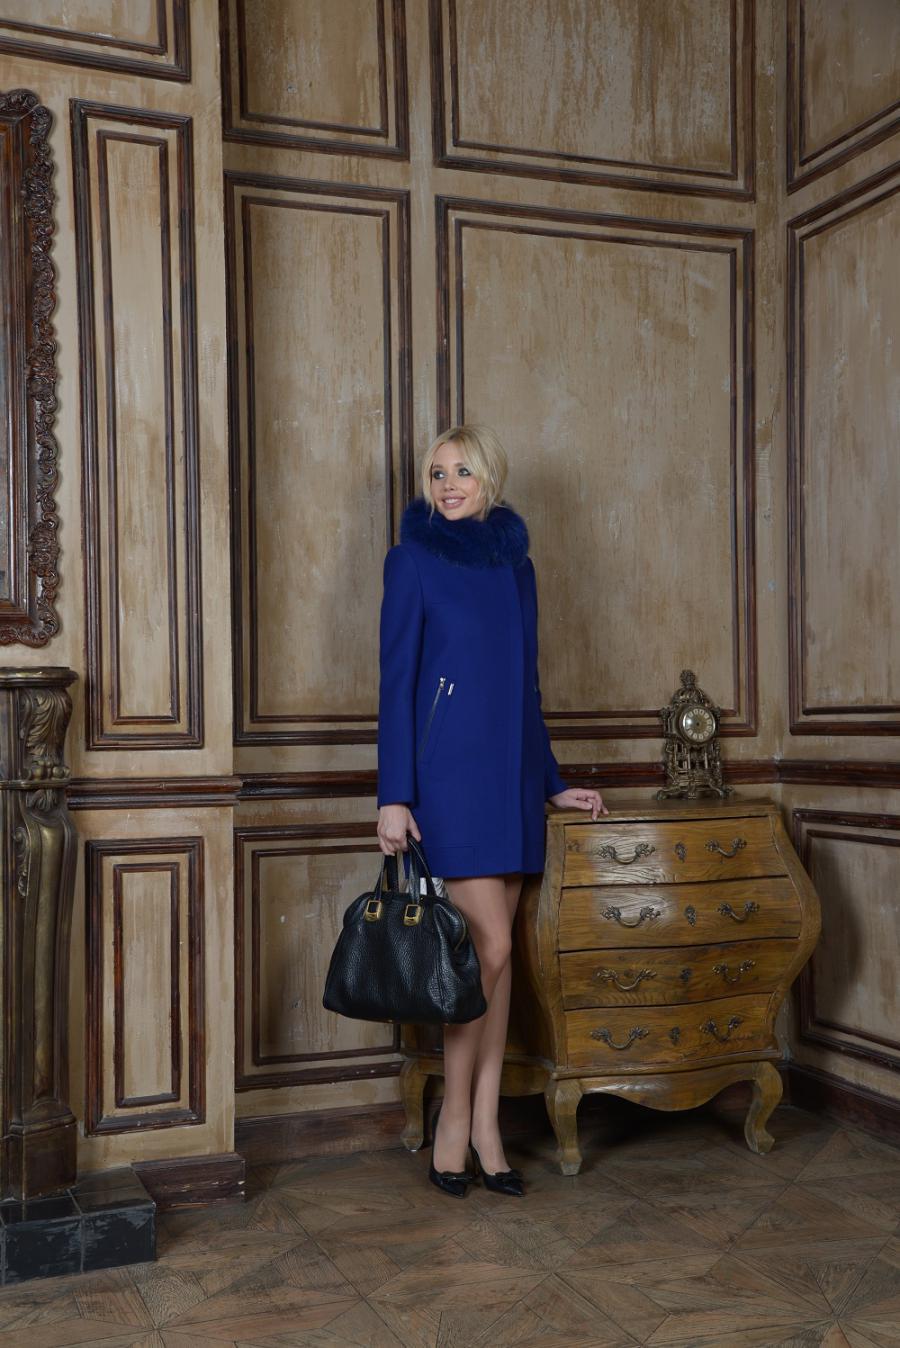 Сбор заказов. Самое лучшее пальто Декка(Dekka) из натуральной шерсти!Цены в 2 раза ниже магазинных.Появились Плащи.Распродажа. Очень много отзывов. Выкуп-11